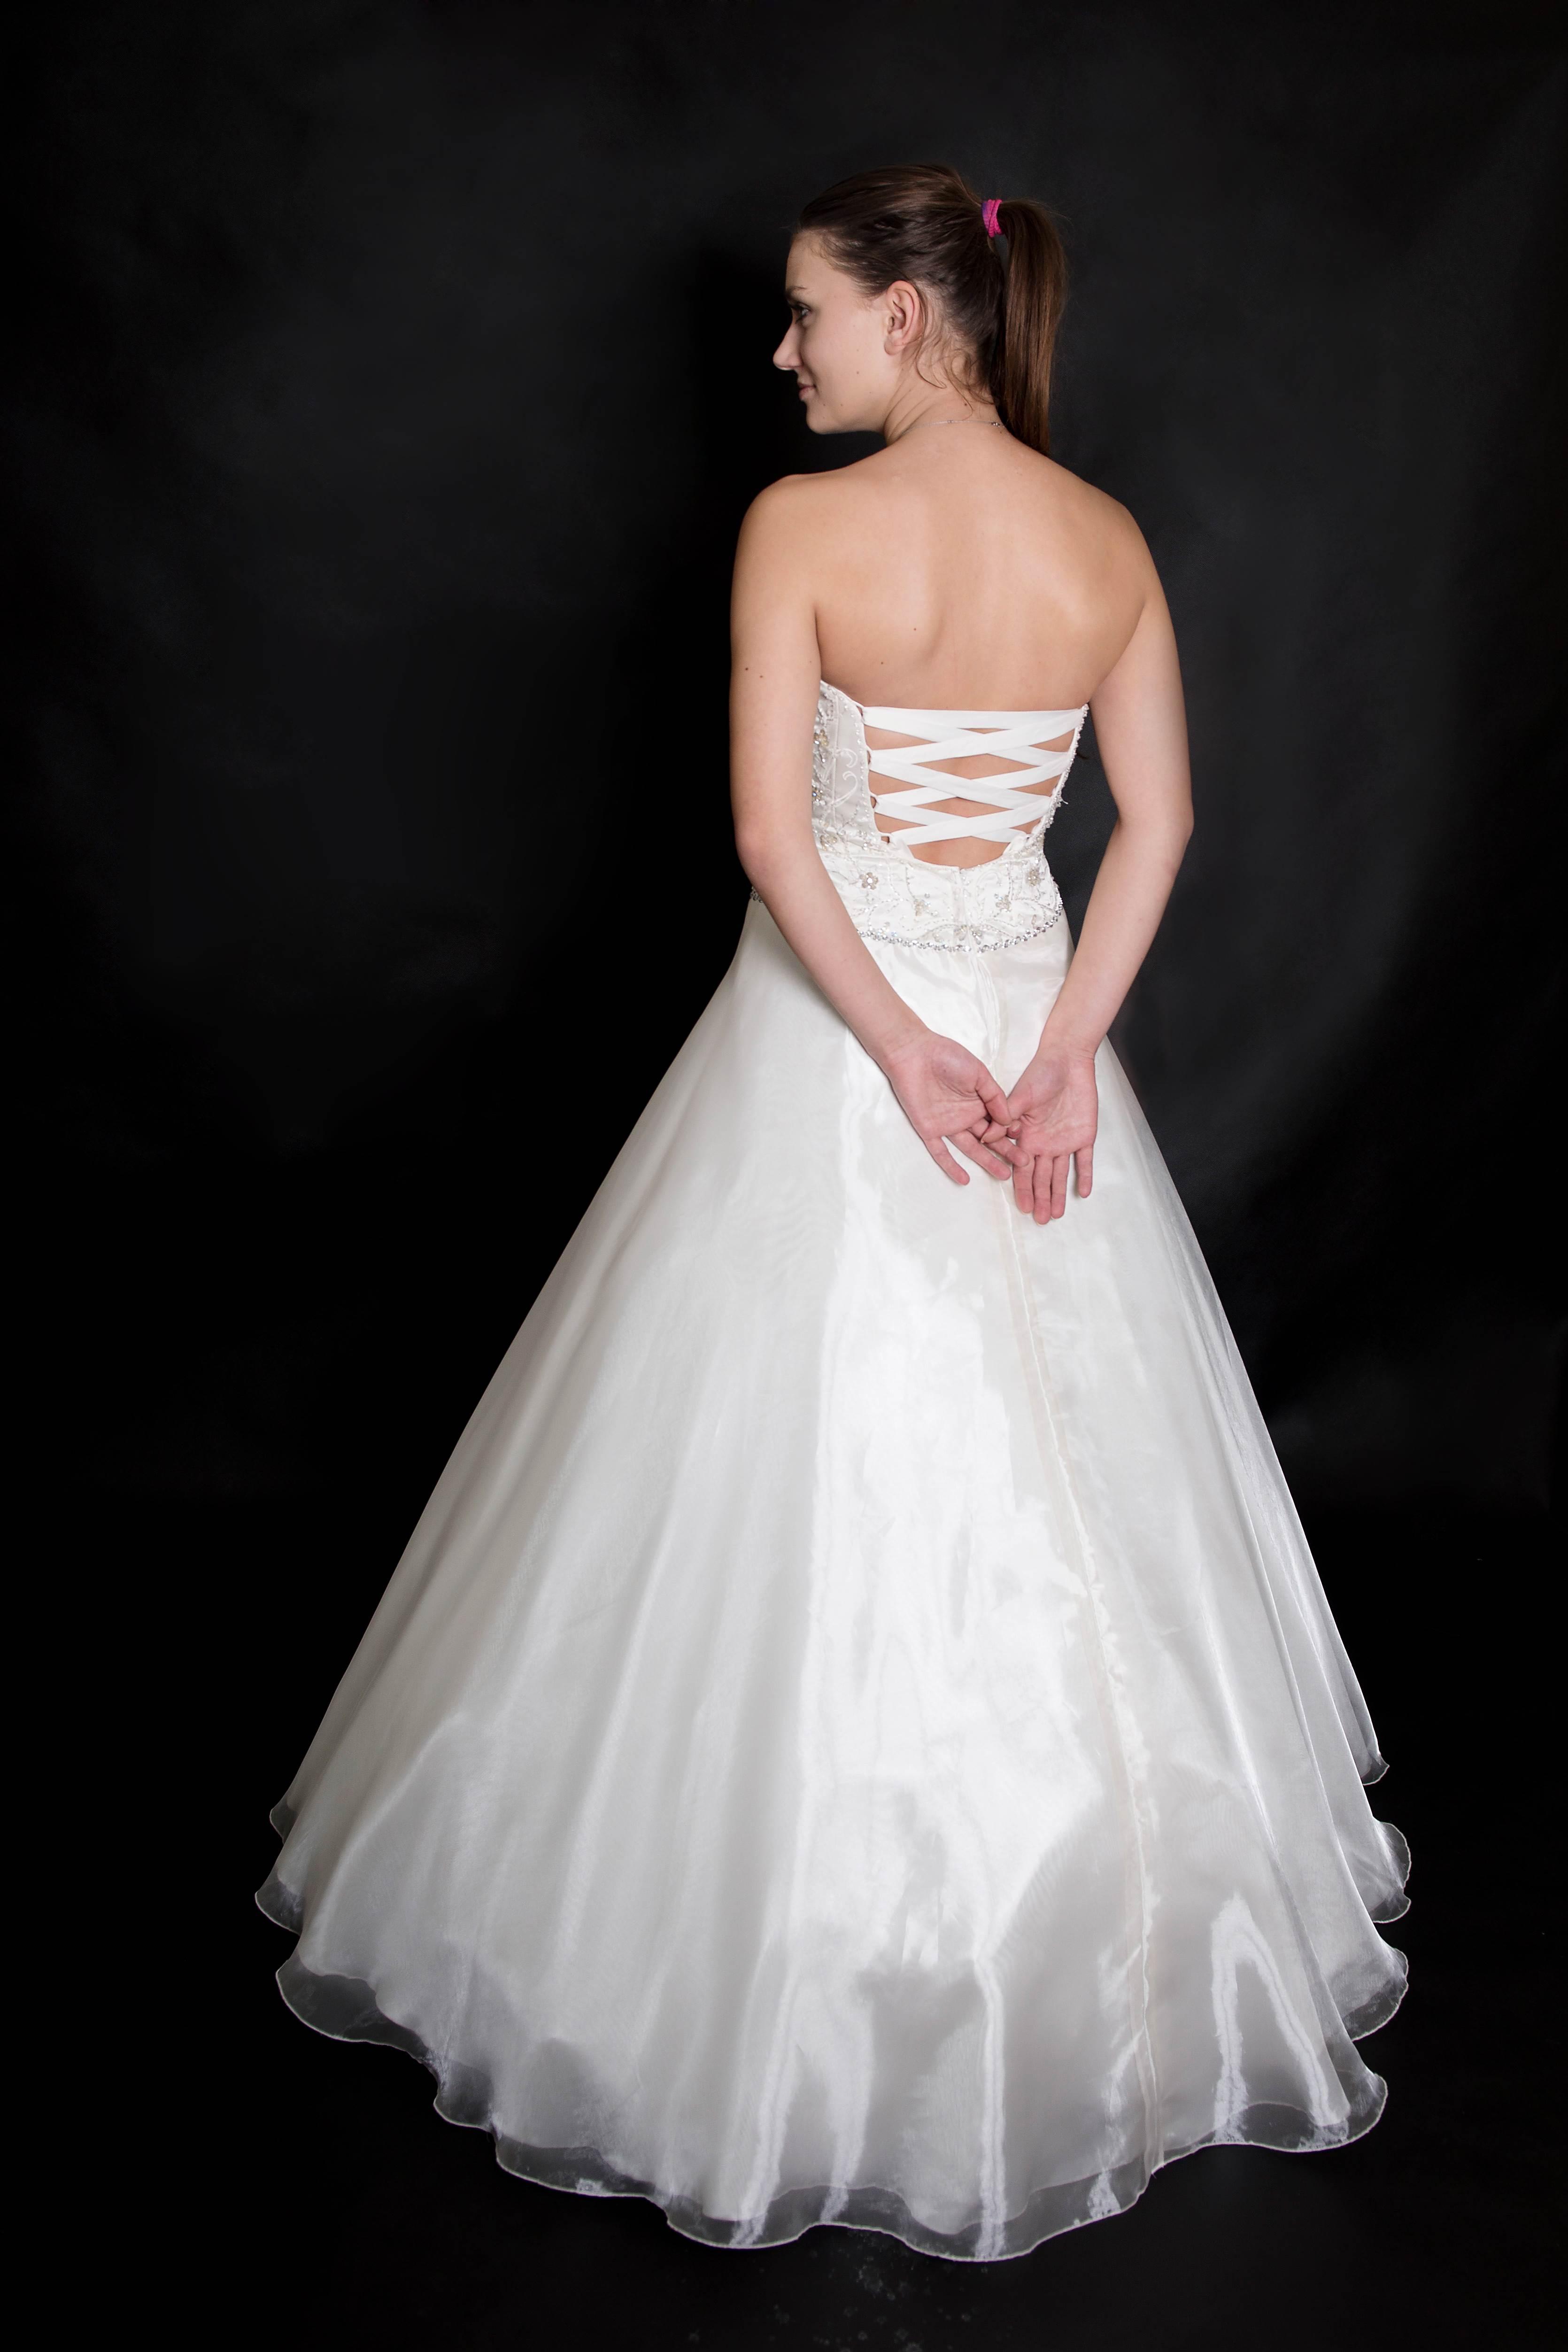 půjčovna svatebních šatů Olomouc